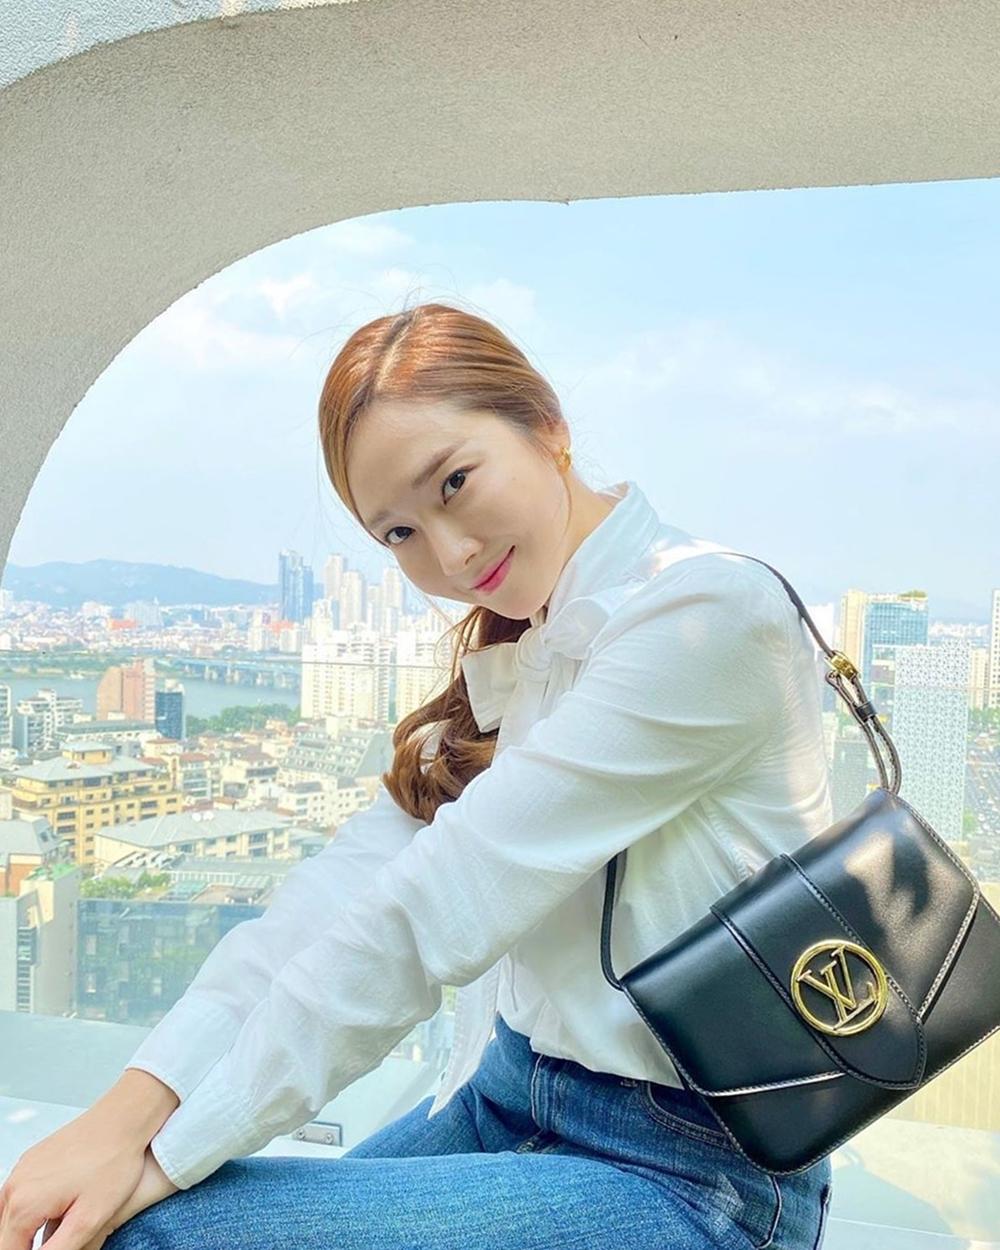 Cuối tháng 5, Jessica thu hút hơn 267.000 lượt thích khi khoe chiếc túiLV Pont 9 - dòng túi da mùa mới của Louis Vuitton. Nhà mốt đặt tên phụ kiện theo cây cầu Pont Neuf - công trình cổ và nổi tiếngnằm đối diện với trụ sở Louis Vuitton ở Paris (Pháp).